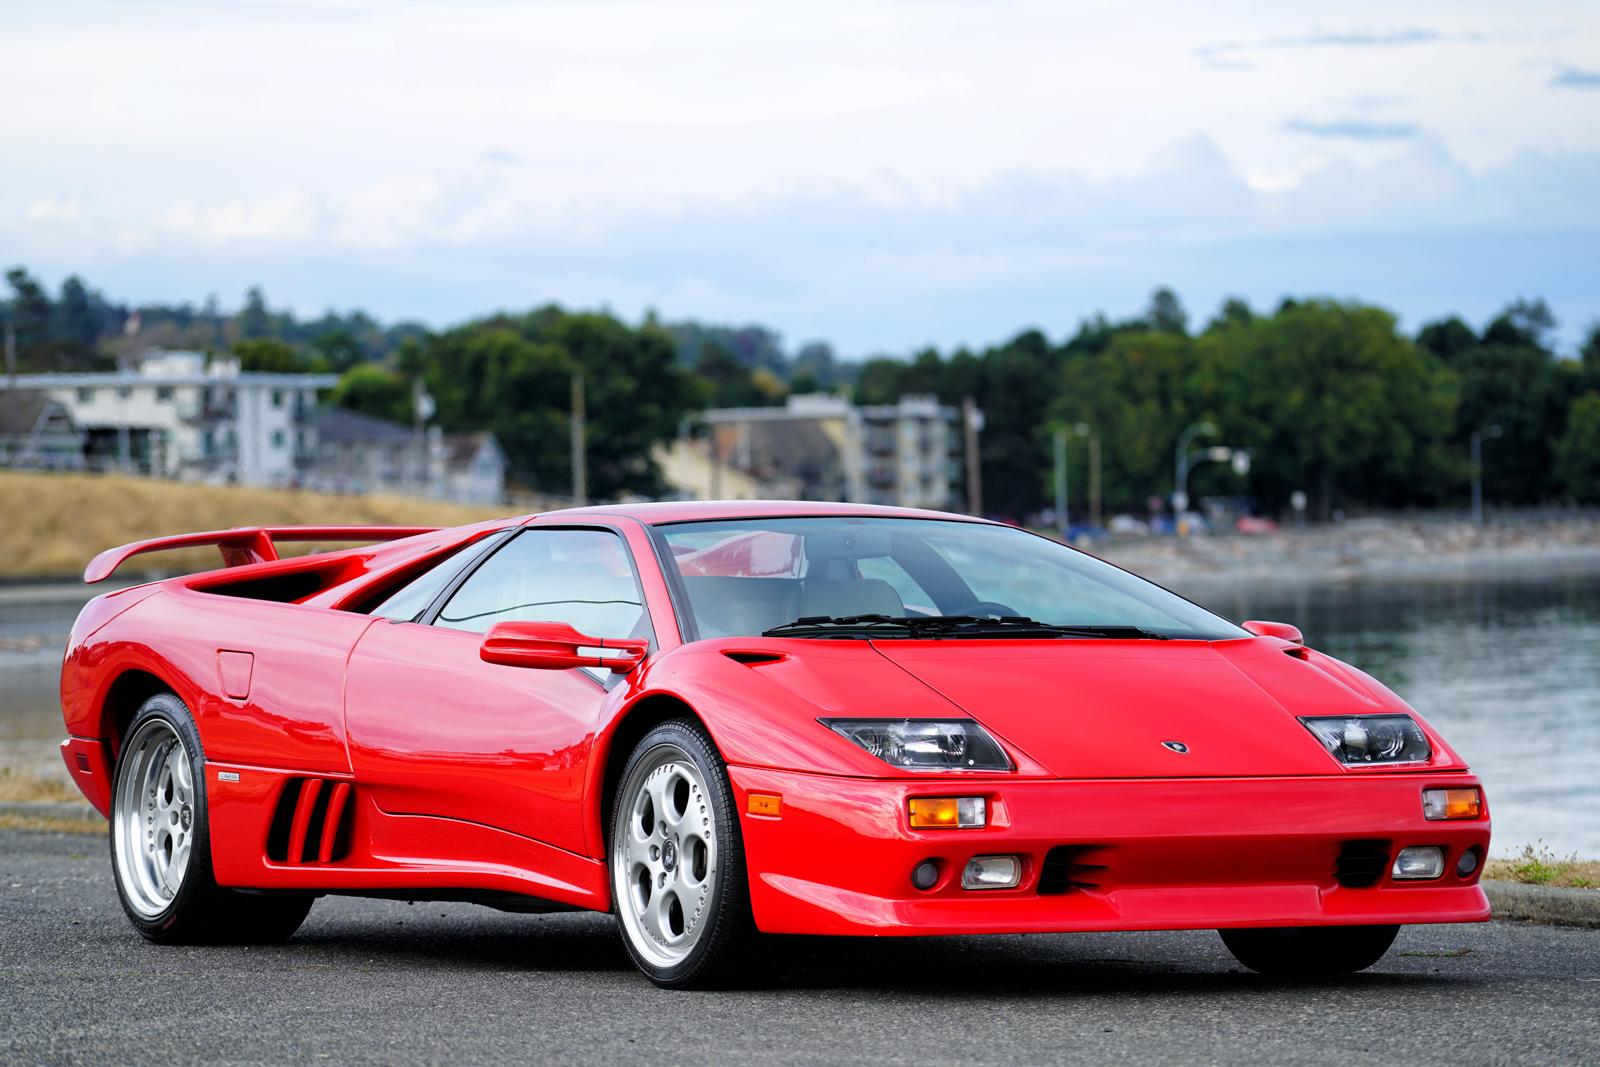 Lamborghini Diablo Legend 225 Rn 237 Monstrum Auto Journal